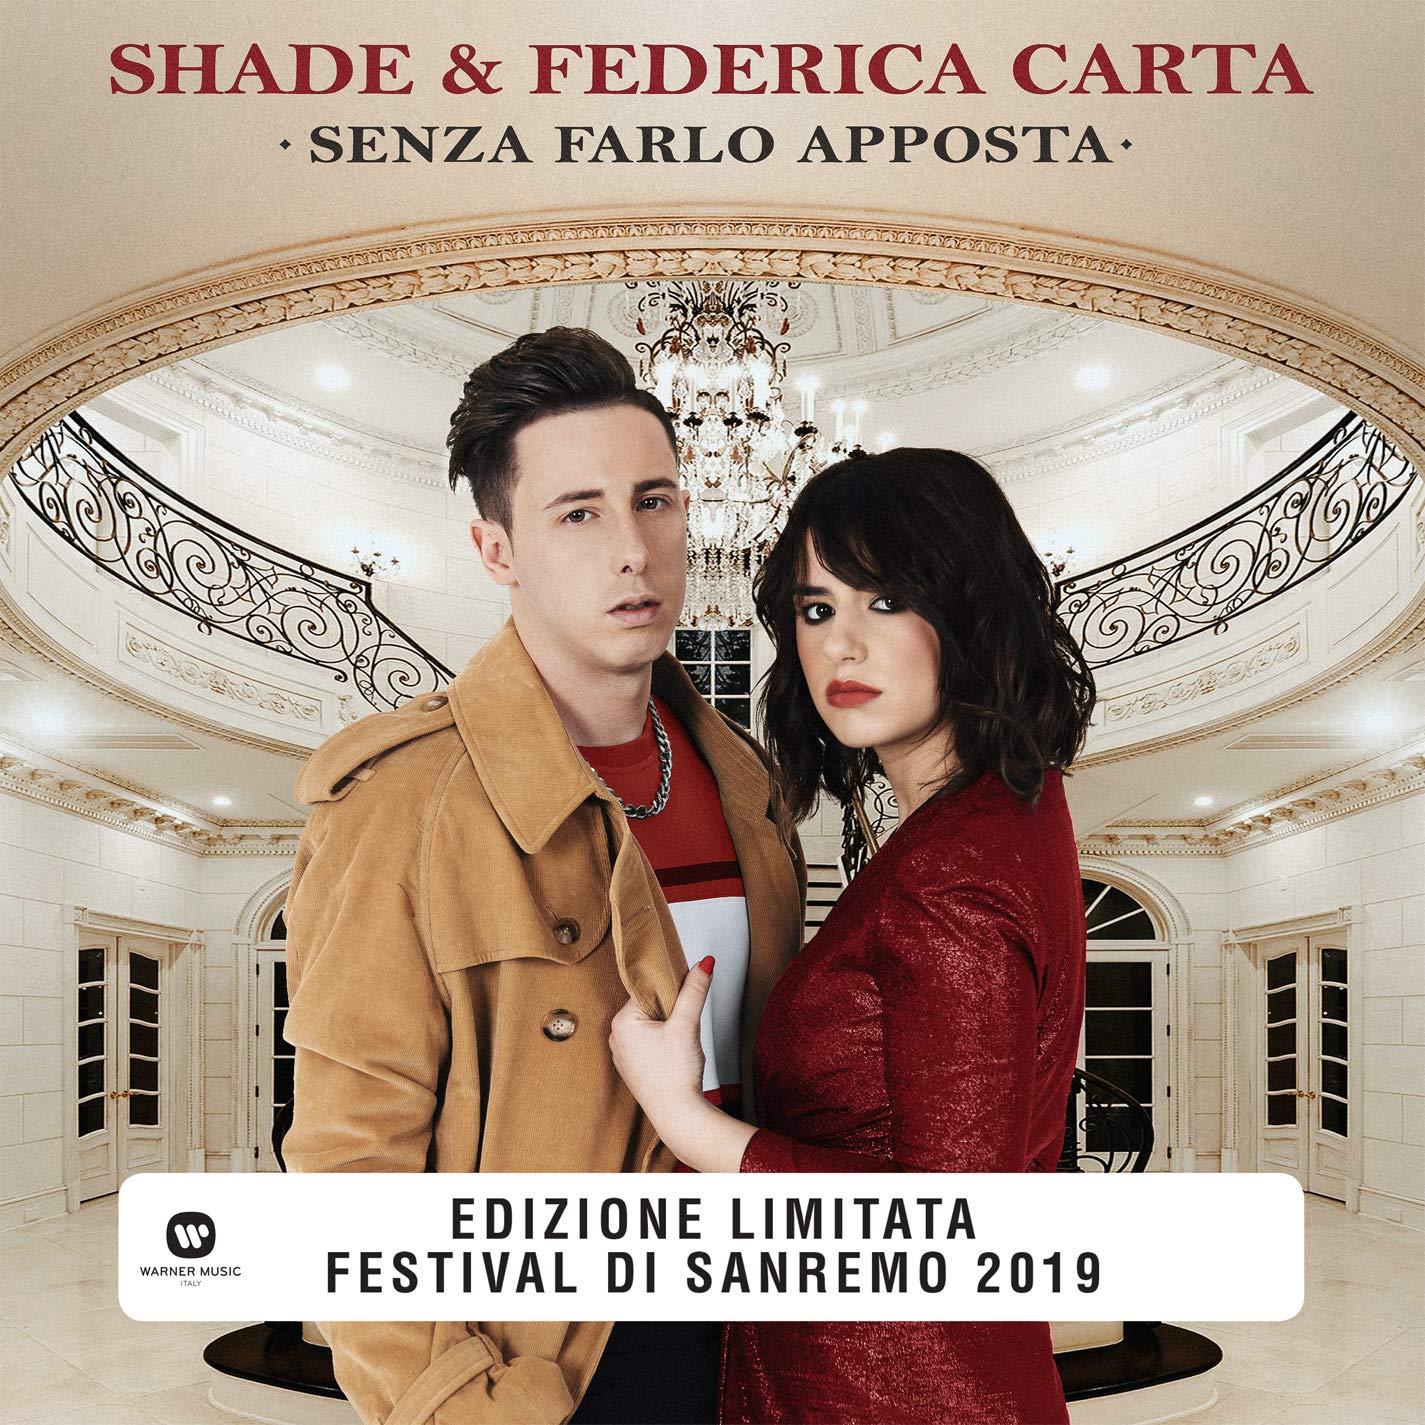 Vinilo : SHADE / CARTA, FEDERICA - Senza Farlo Apposta (Colored Vinyl, Red, Italy - Import)